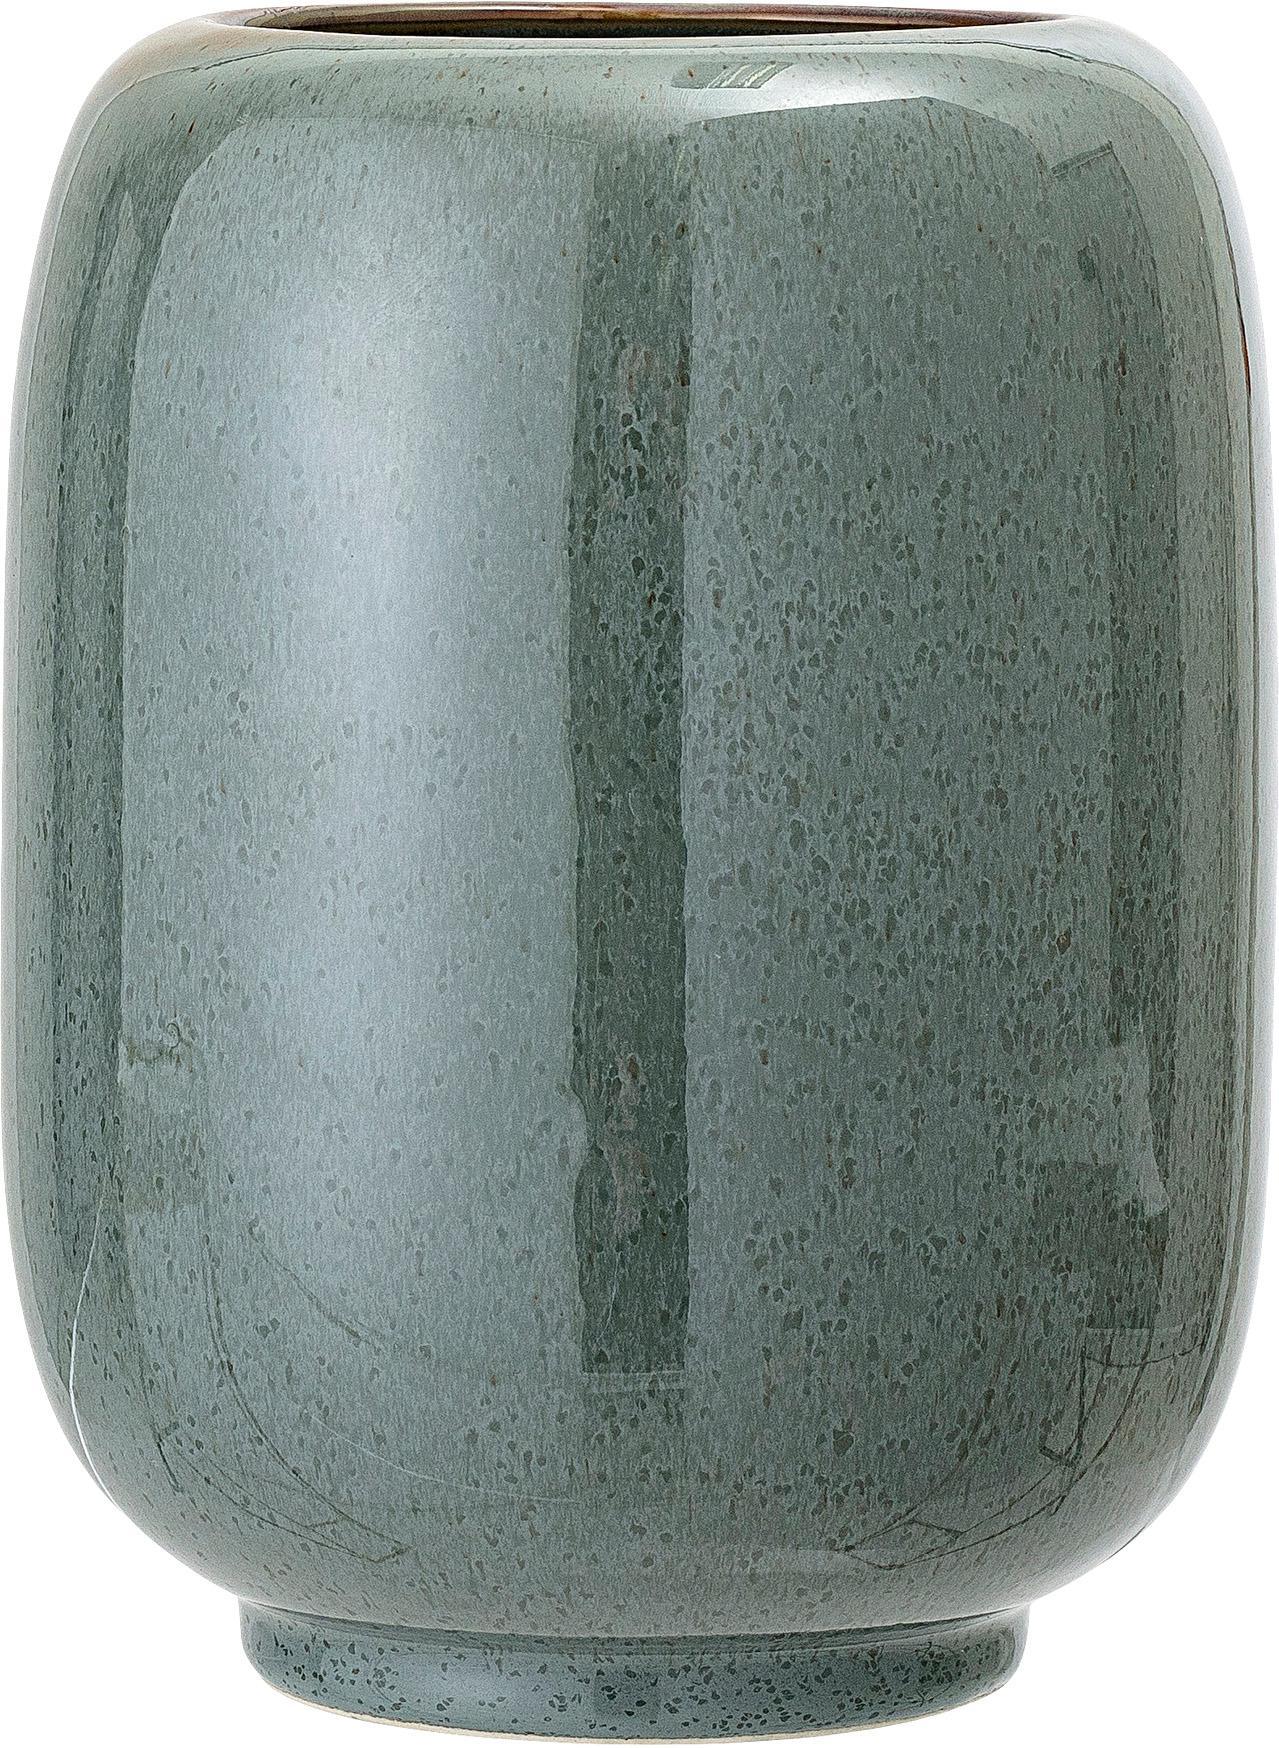 Jarrón Verena, Cerámica, Verde, marrón, Ø 14 x Al 18 cm